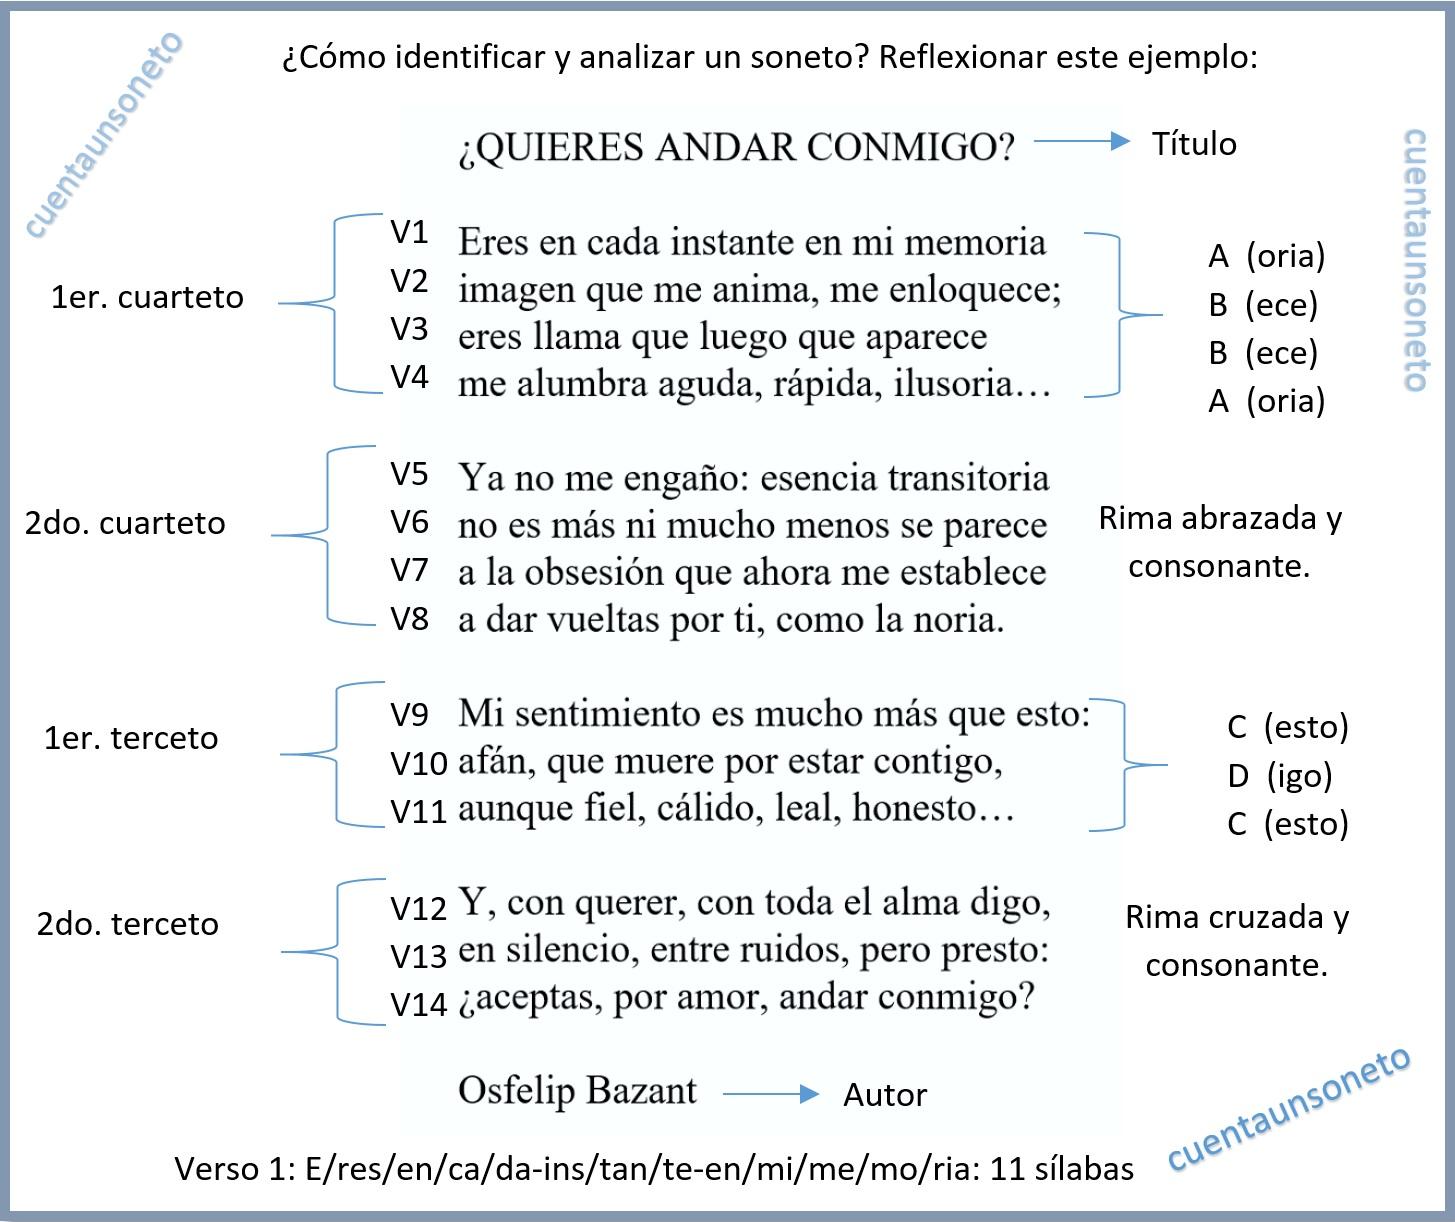 ¿Qué es un soneto? ¿Cómo identificar y analizar un soneto? Con esta imagen puedes percibir las características que componen a un soneto.